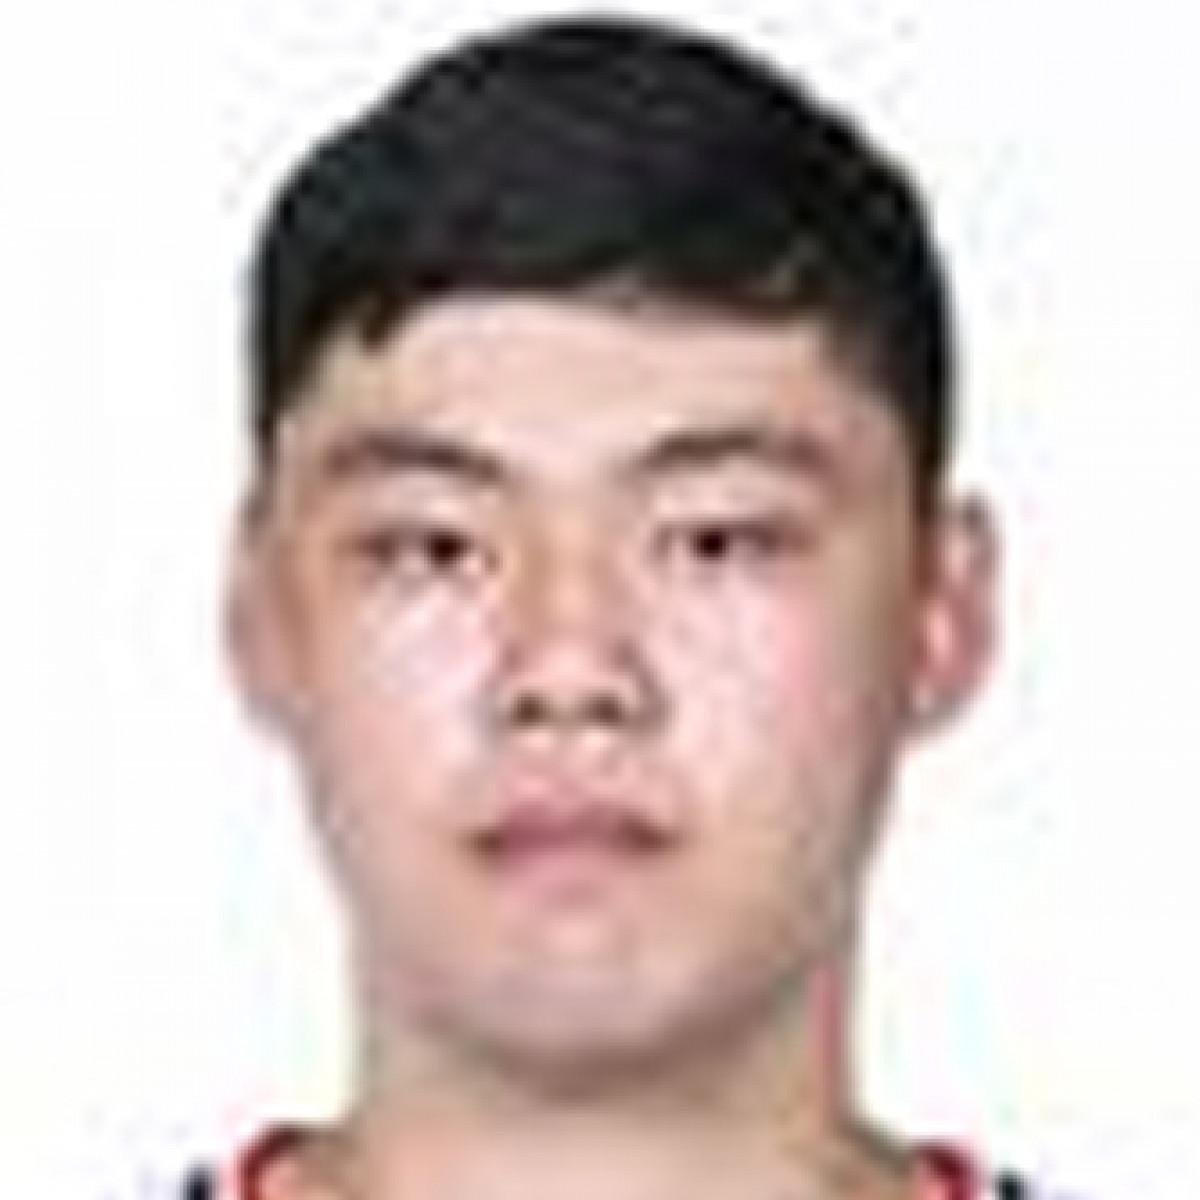 Zhao Yiming